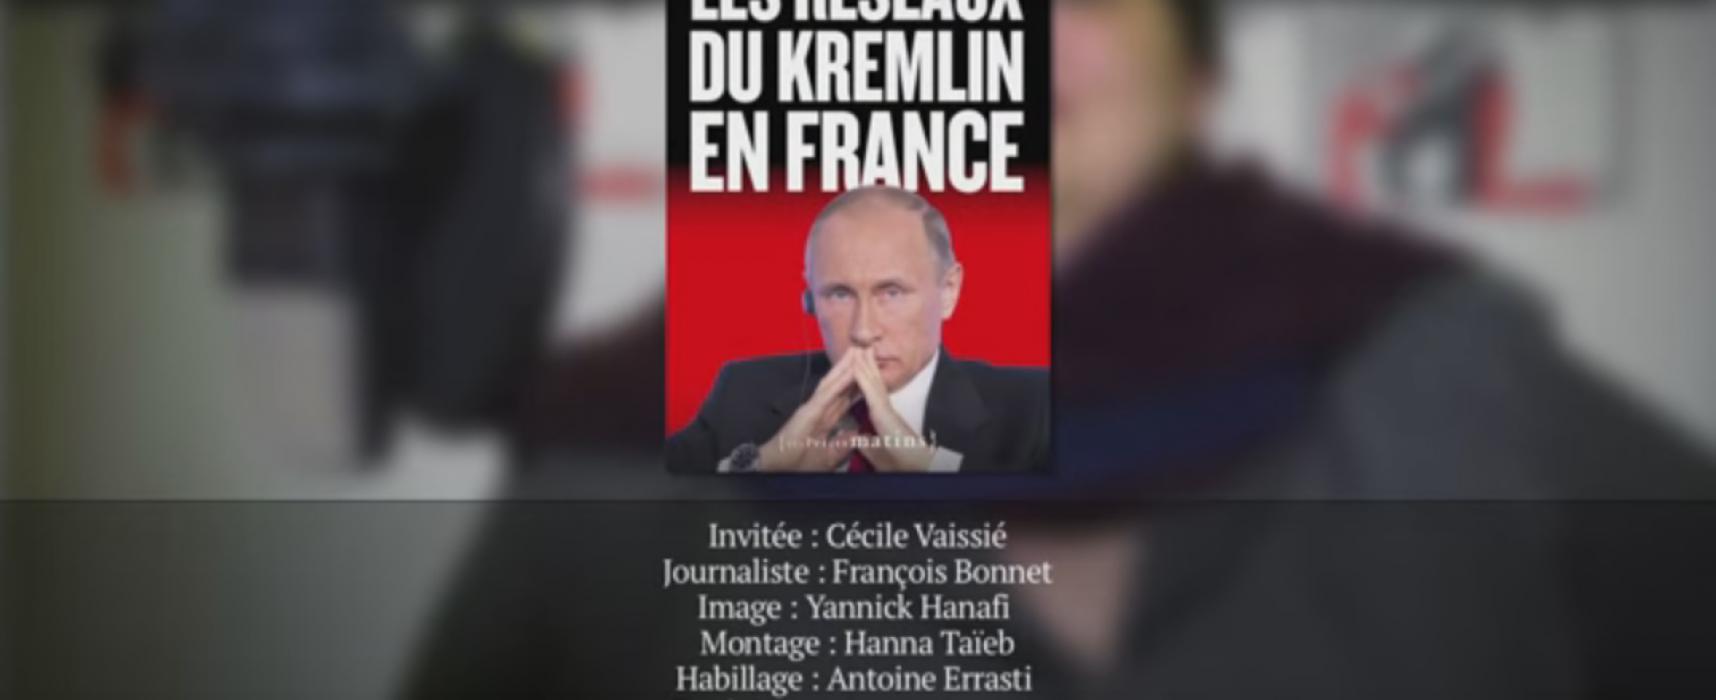 Cécile Vaissié: les réseaux du Kremlin en France